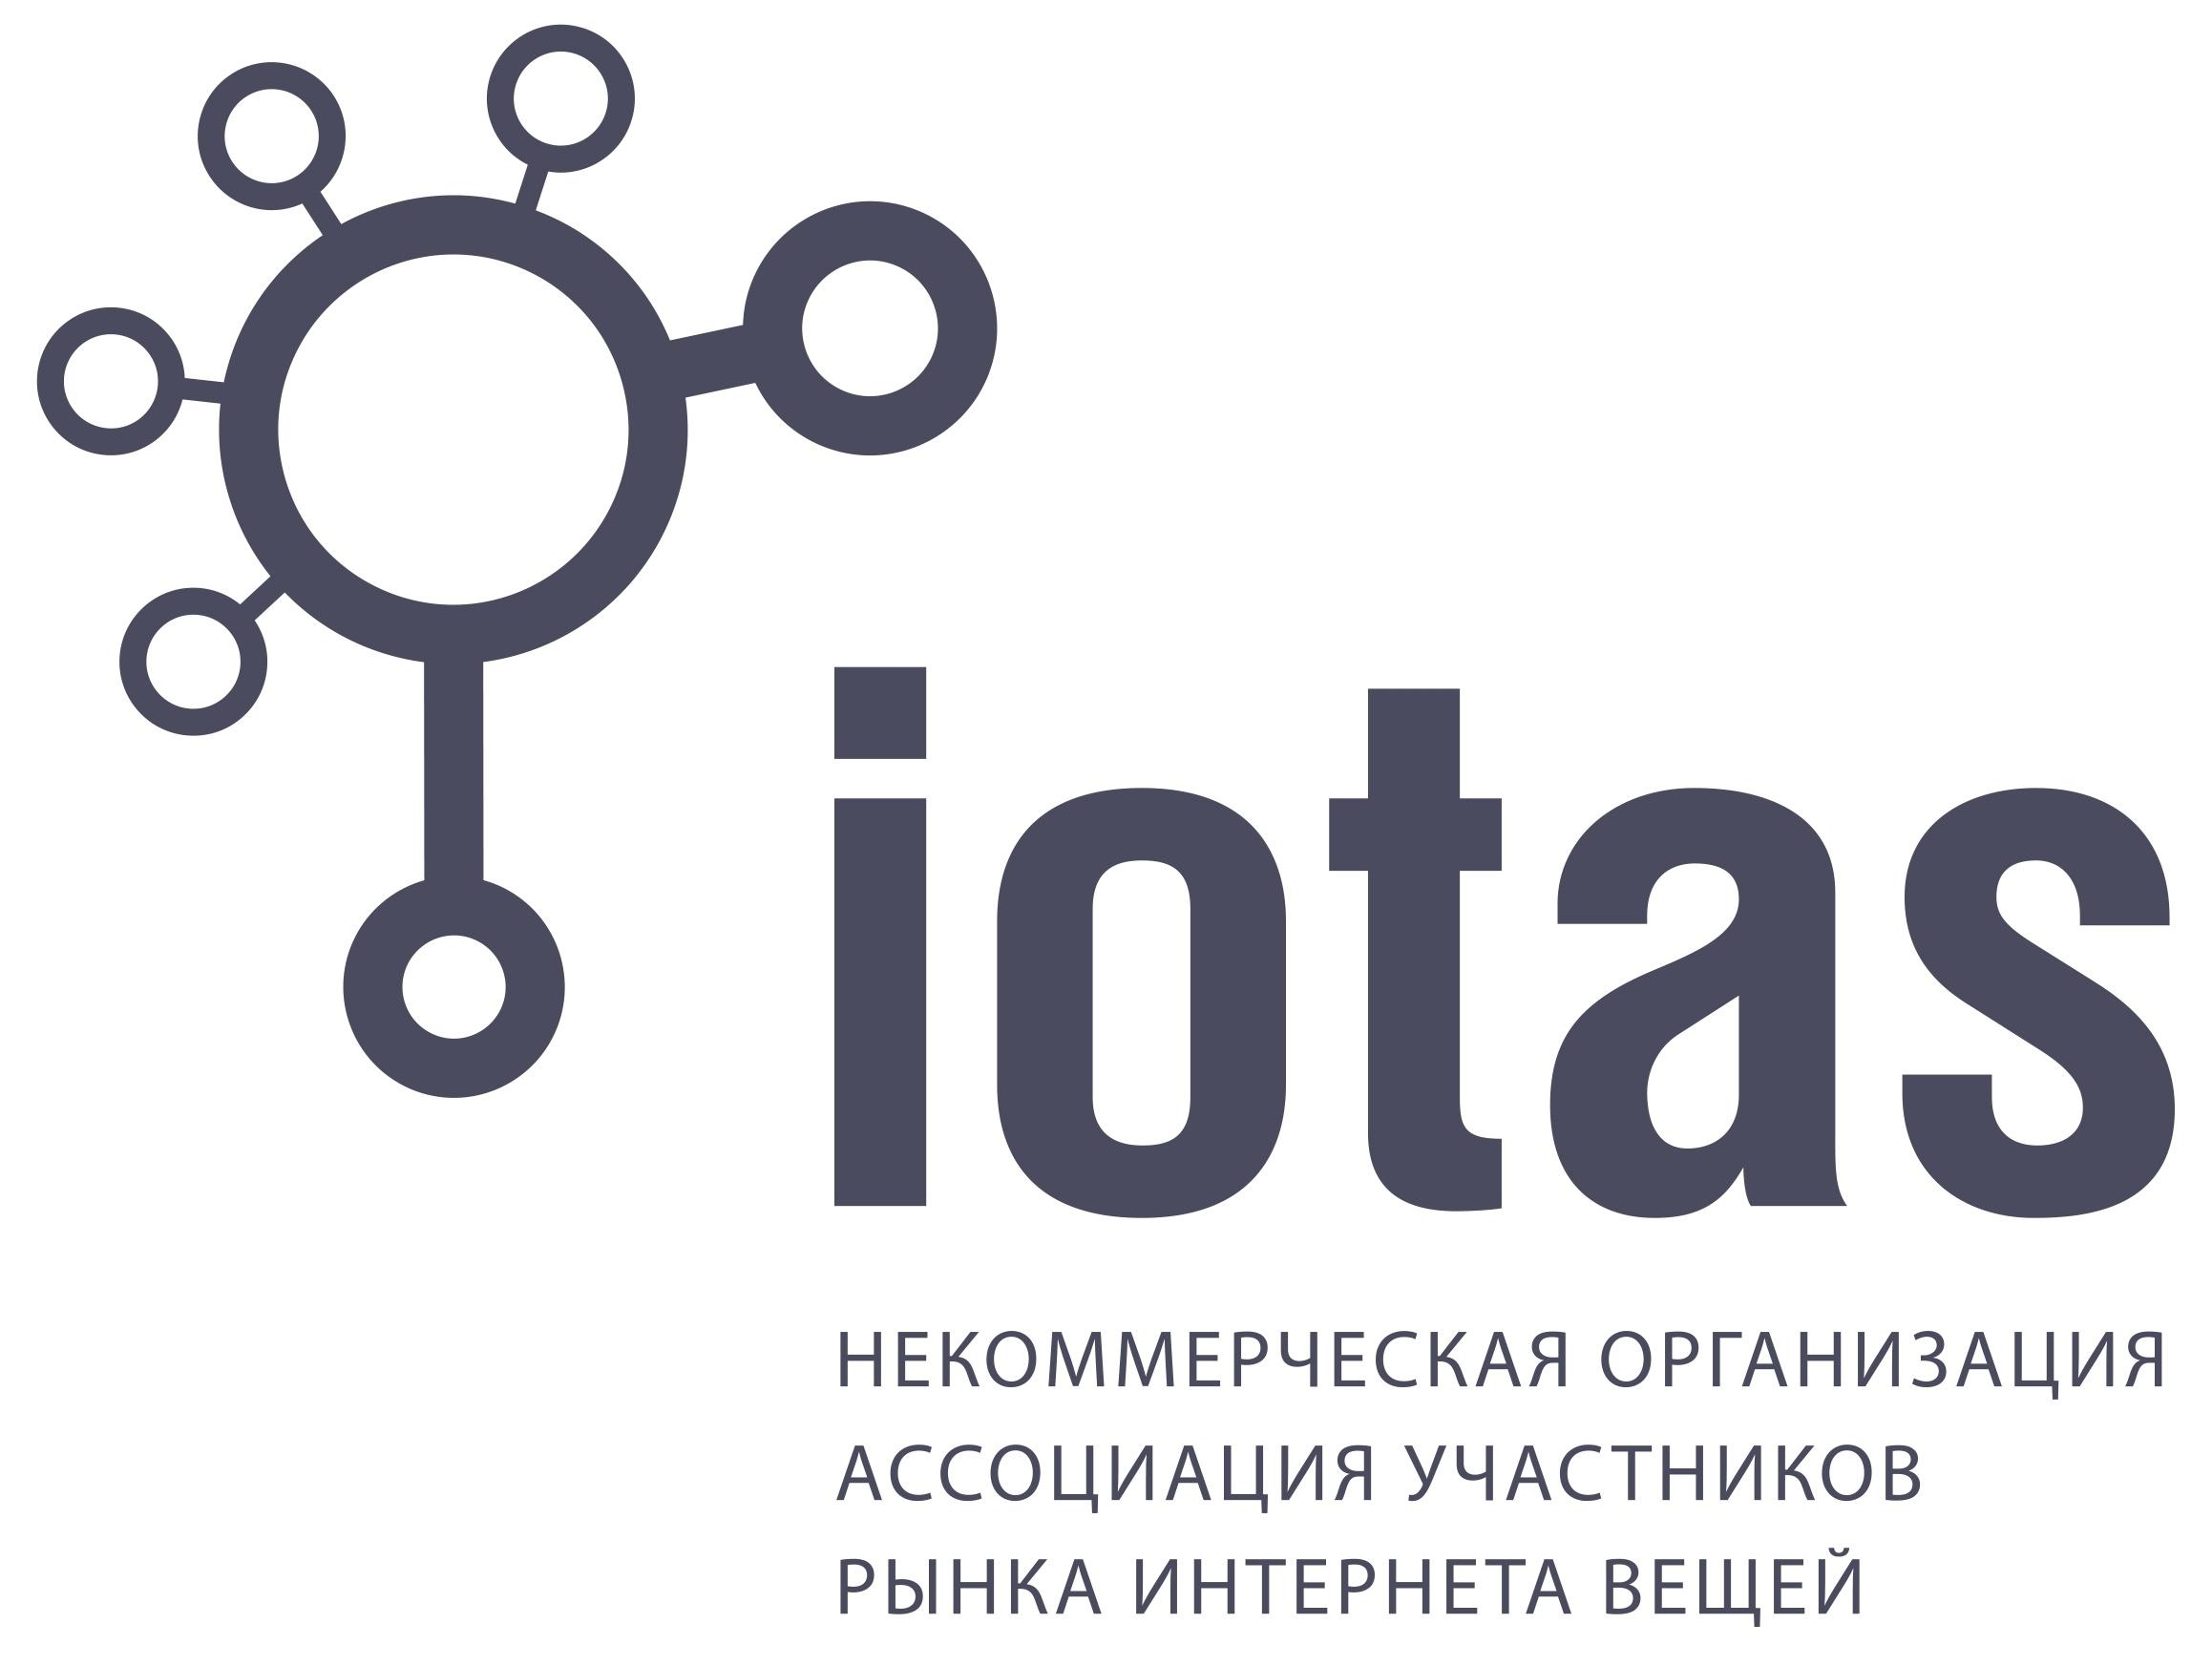 Форум All-over-IP 2018 объединяет усилия с Ассоциацией интернета вещей